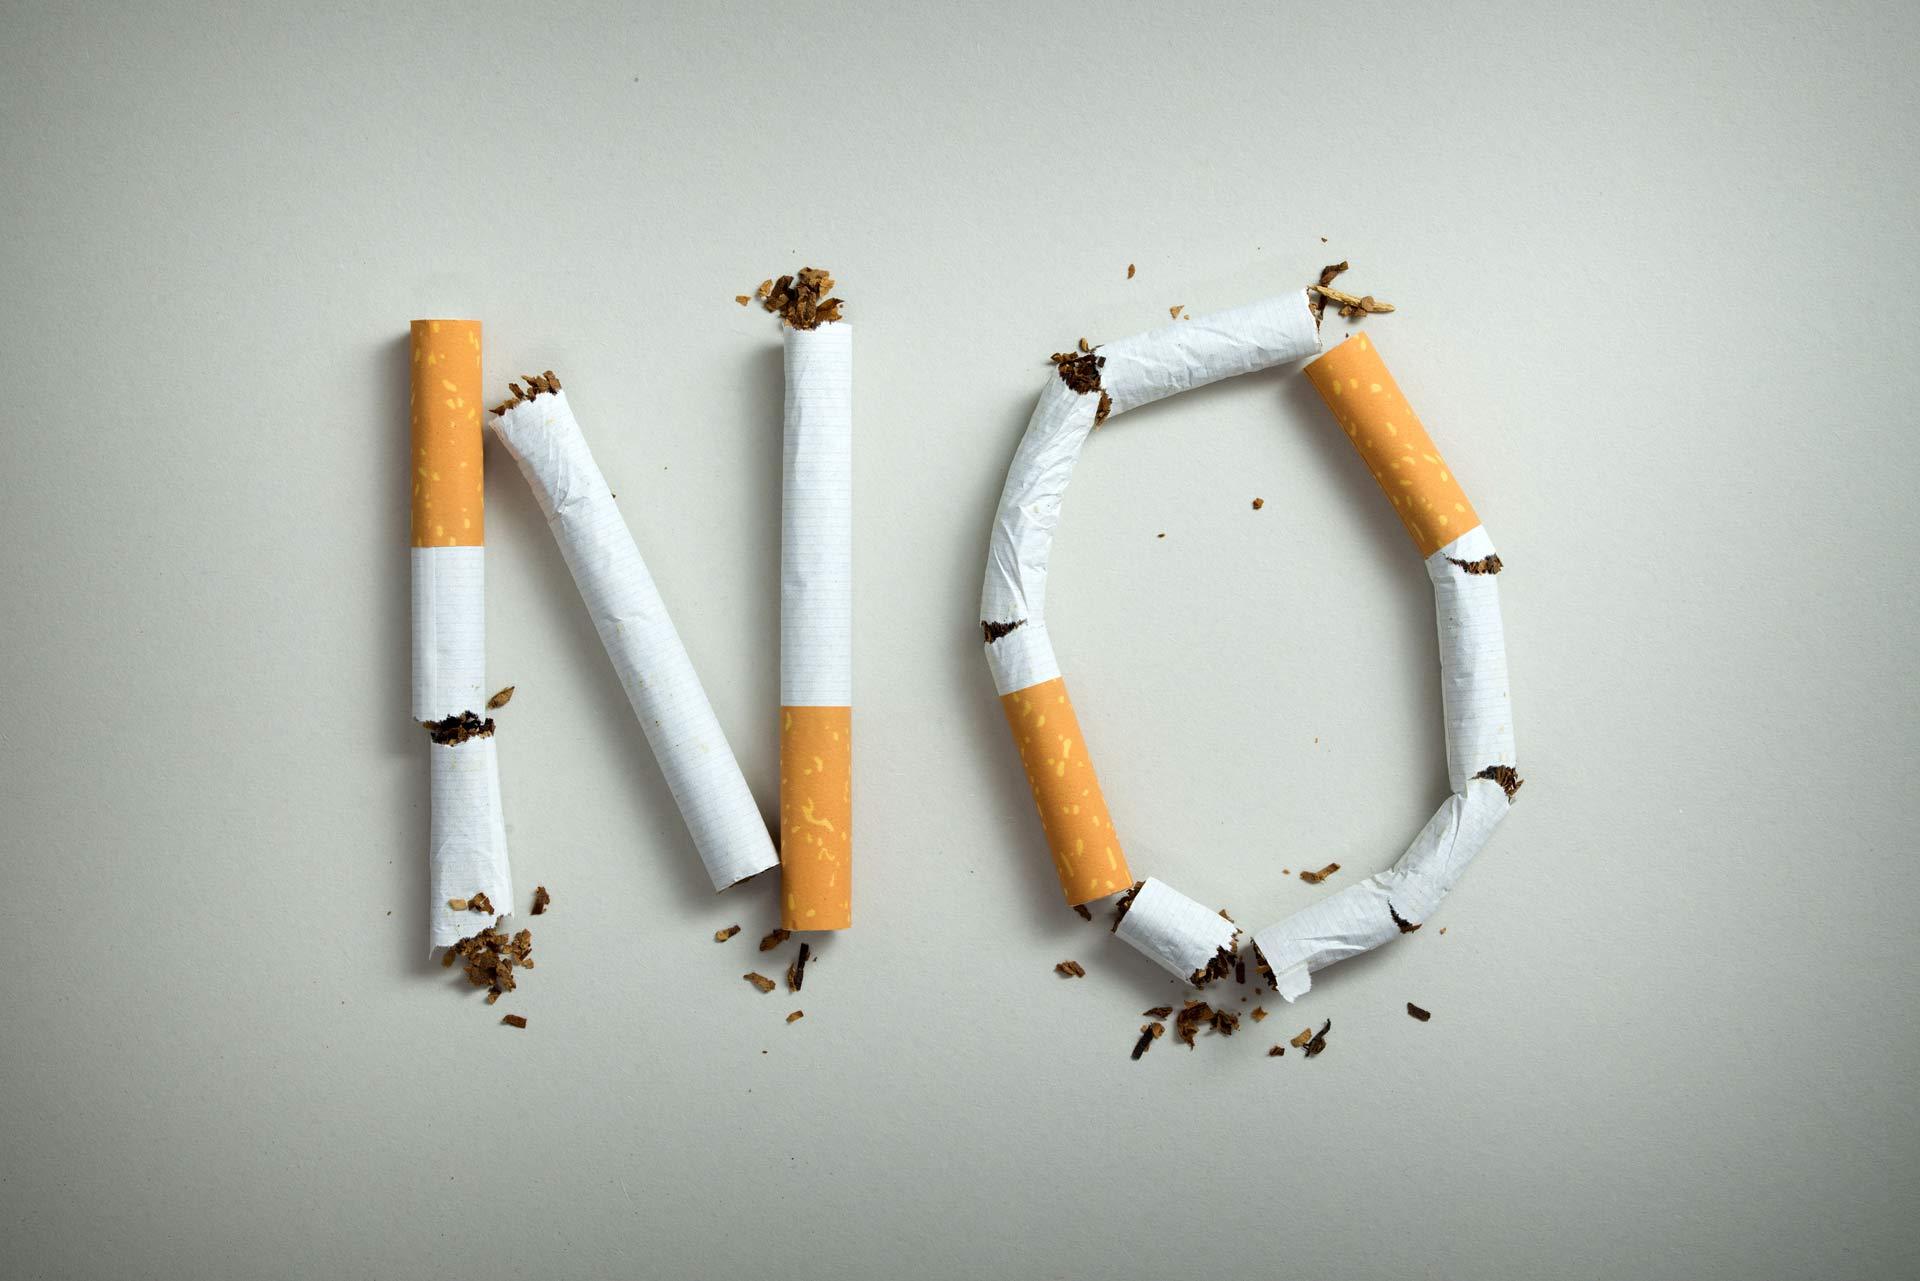 dohányzás megelőző intézkedések